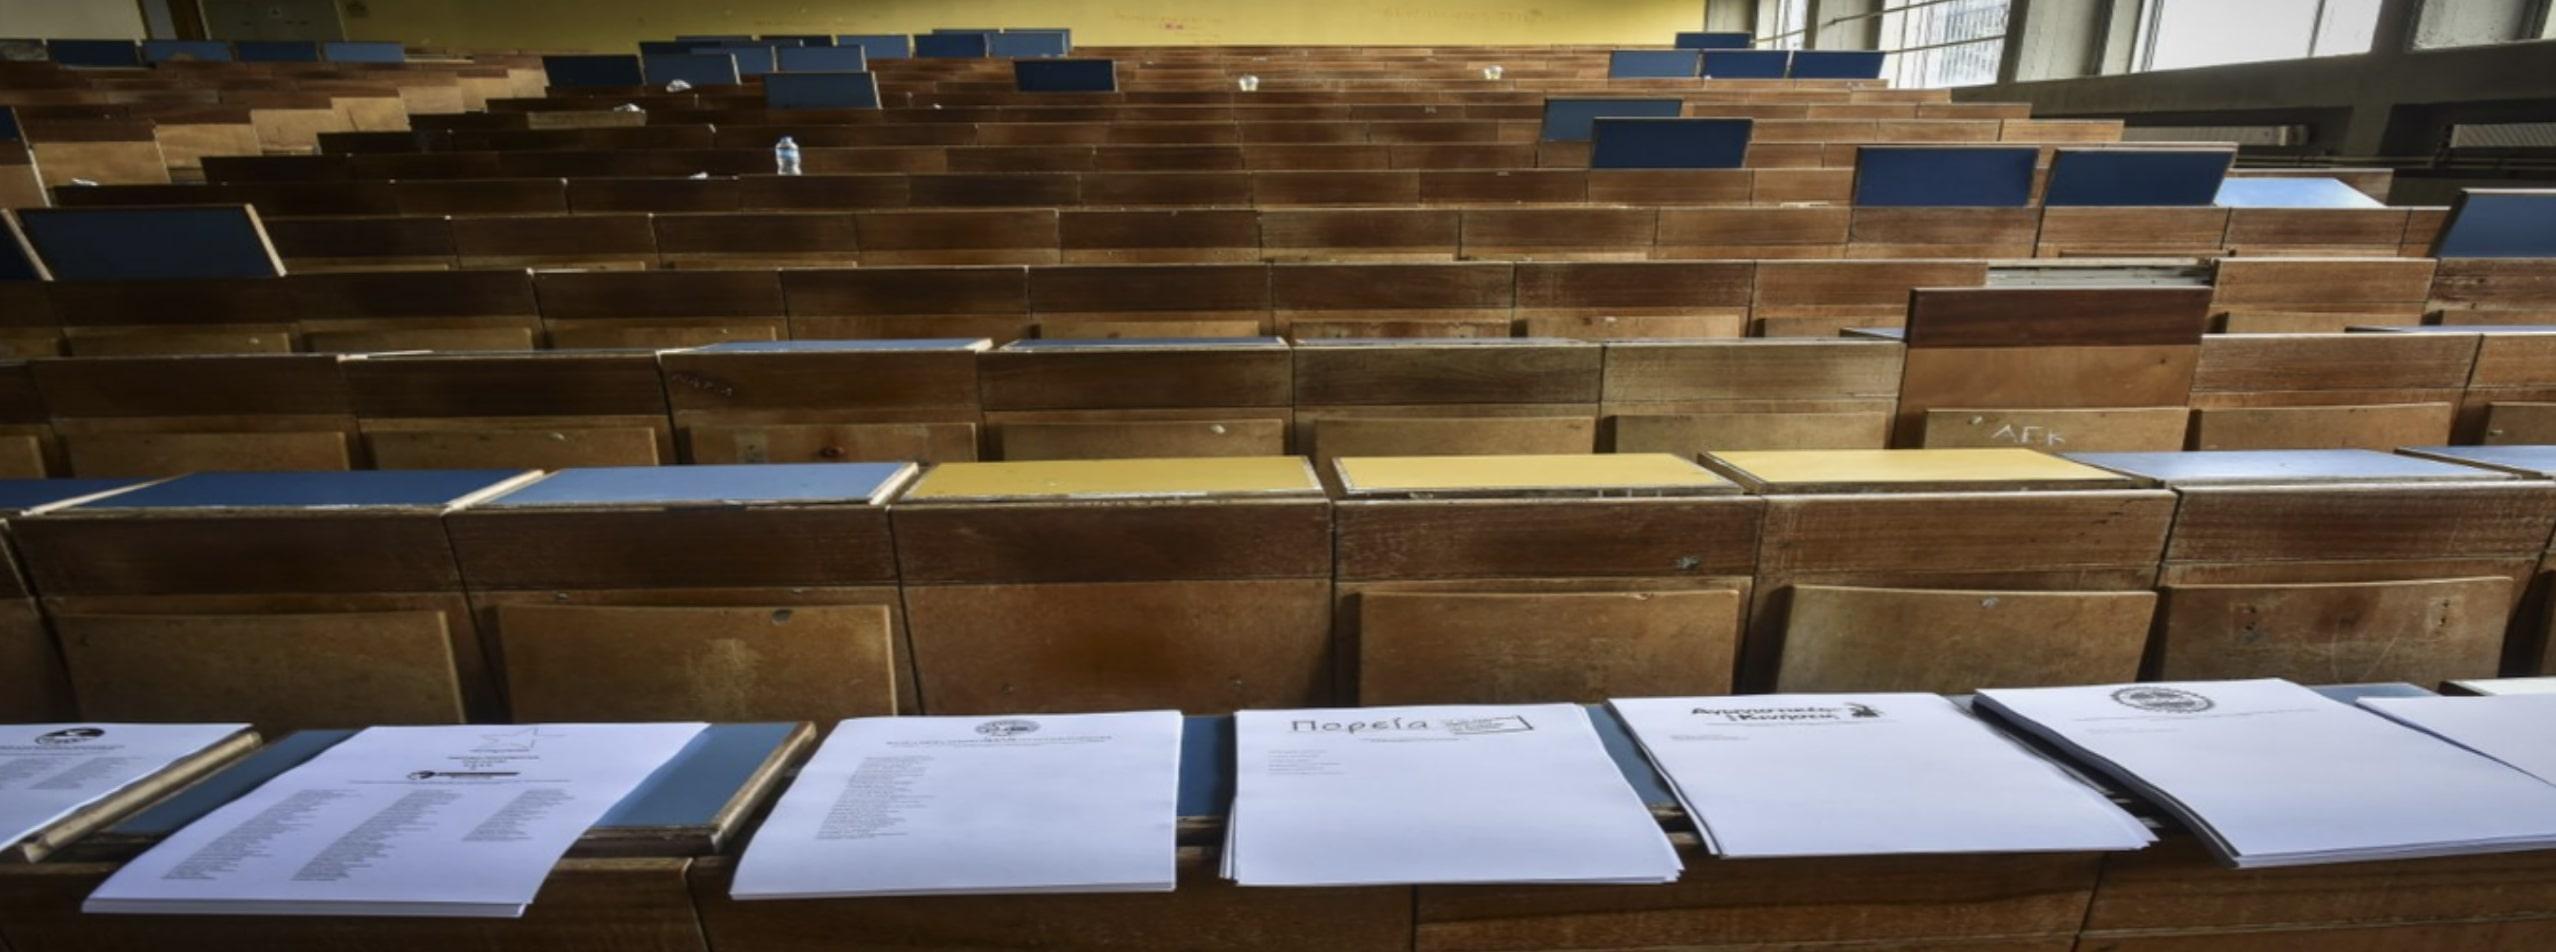 Έρχεται η πρώτη ηλεκτρονική ψηφοφορία Γ.Σ. του Φοιτητικού Συλλόγου στην ΑΣΟΕΕ